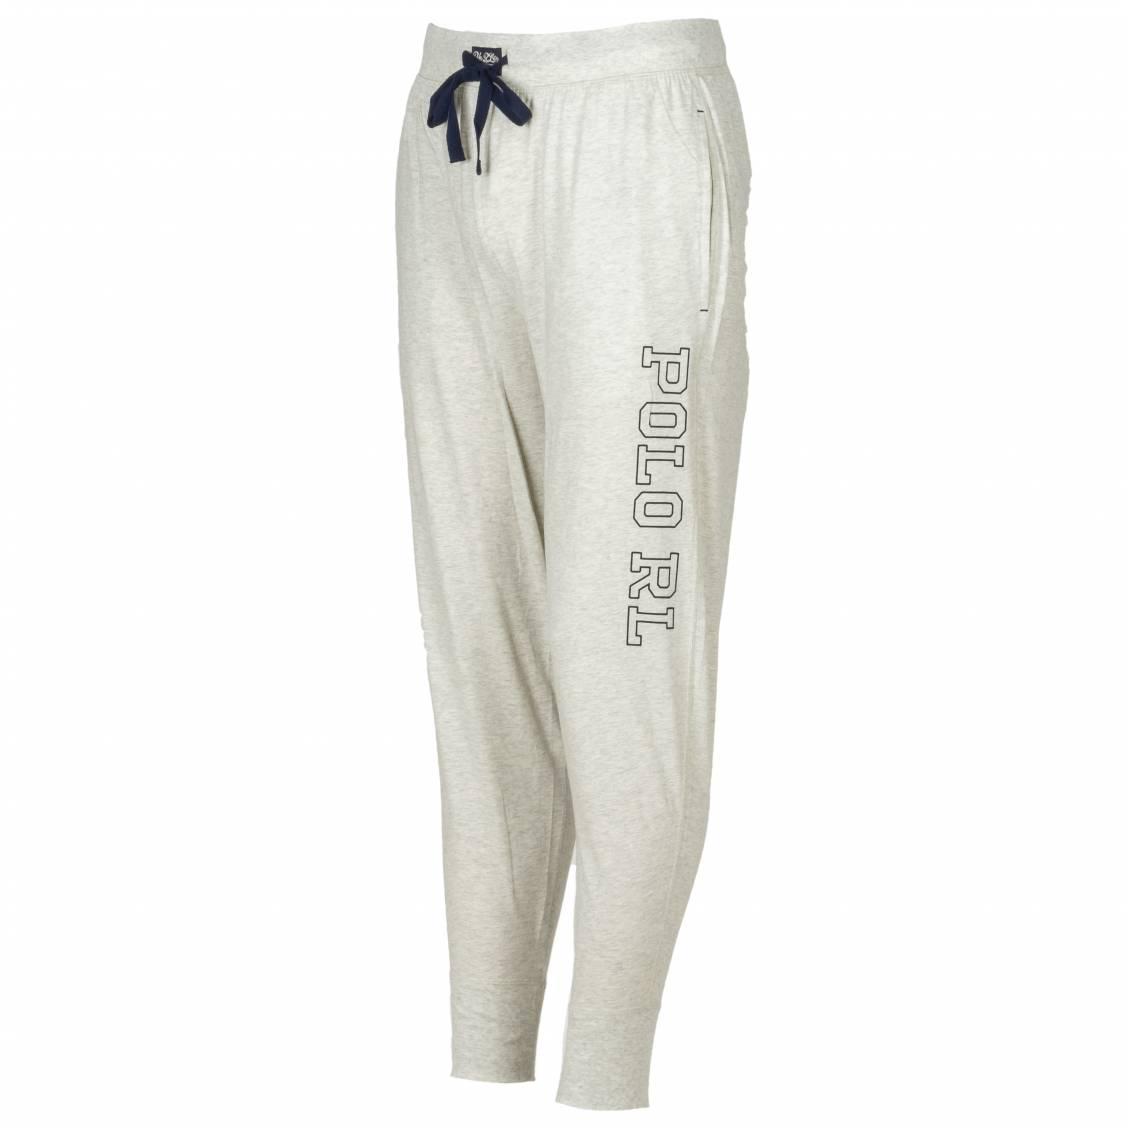 Pantalon d'intérieur Polo Ralph Lauren en coton gris chiné floqué bleu marine | Rue Des Hommes